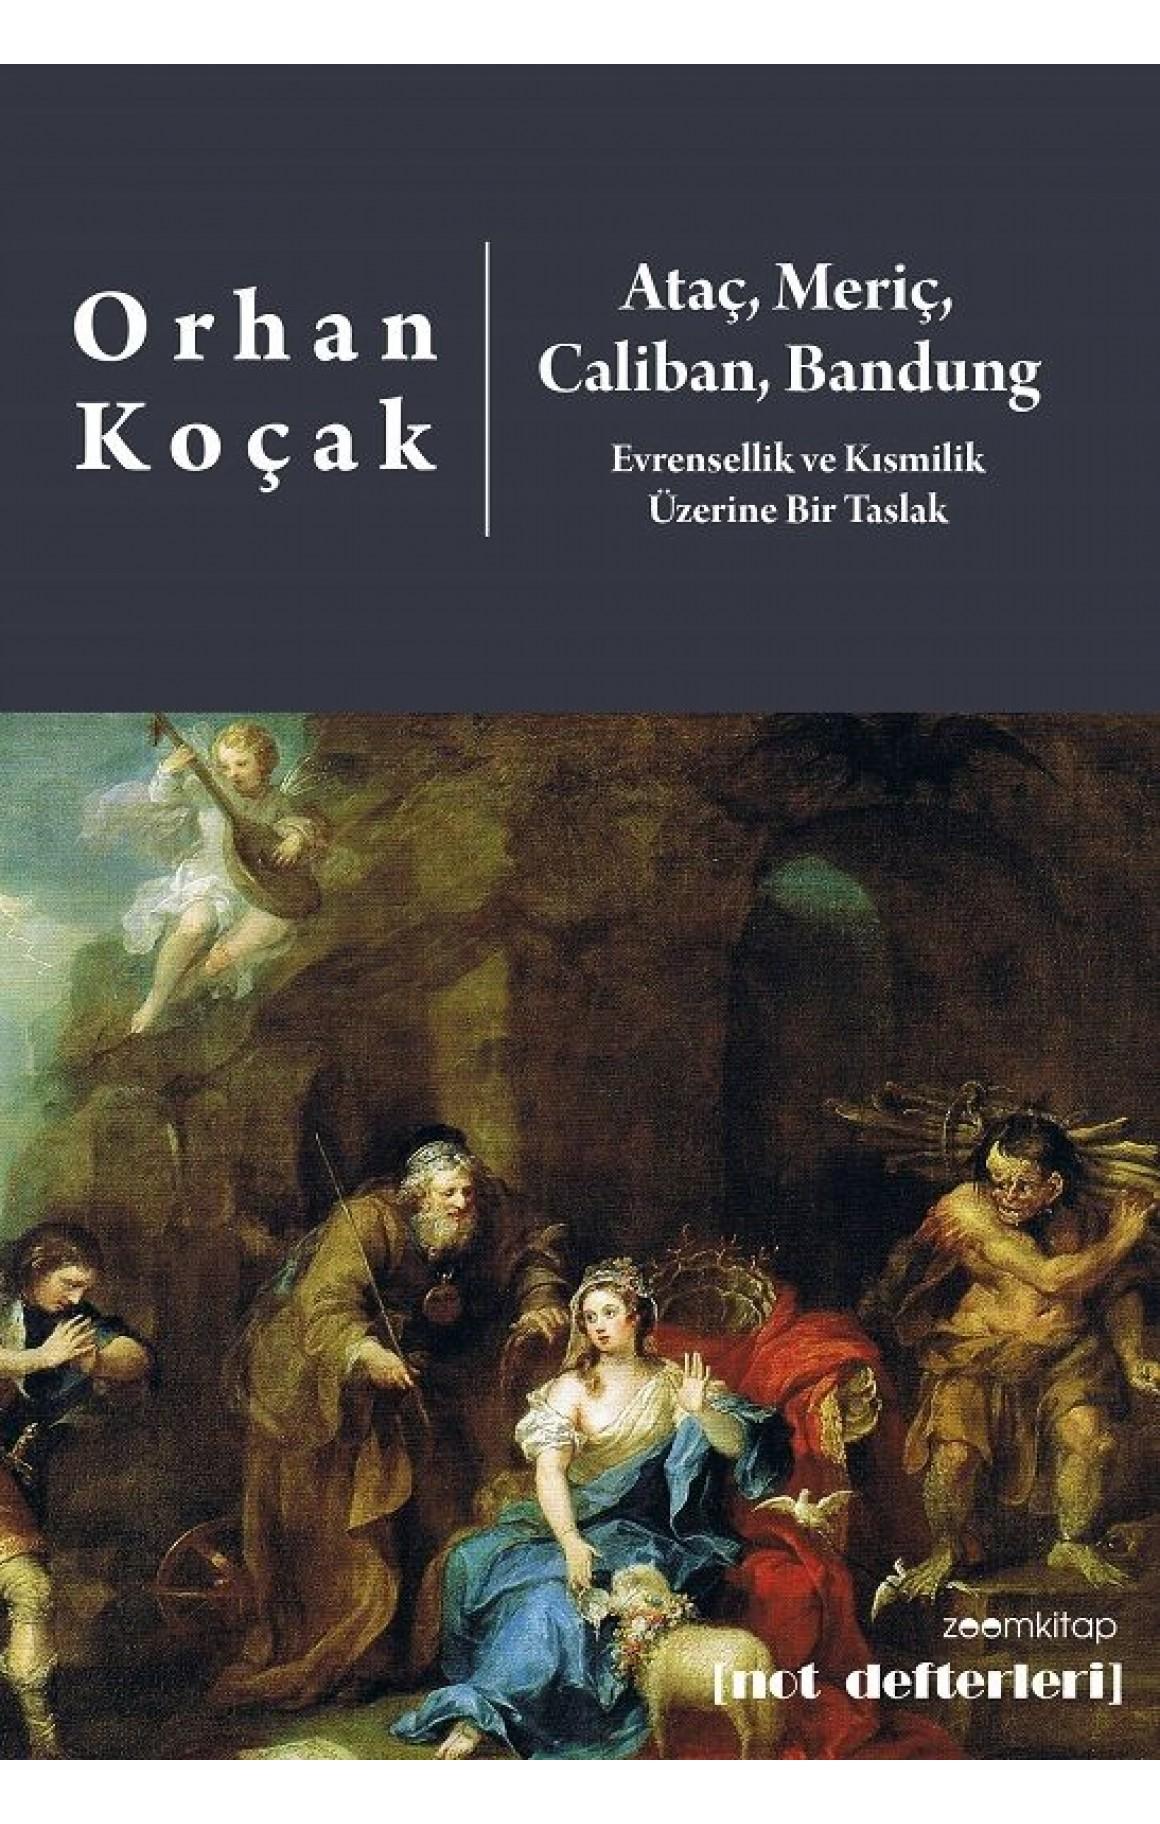 Ataç, Meriç, Caliban, Bandung-Evrensellik ve Kısmilik  Üzerine Bir Taslak